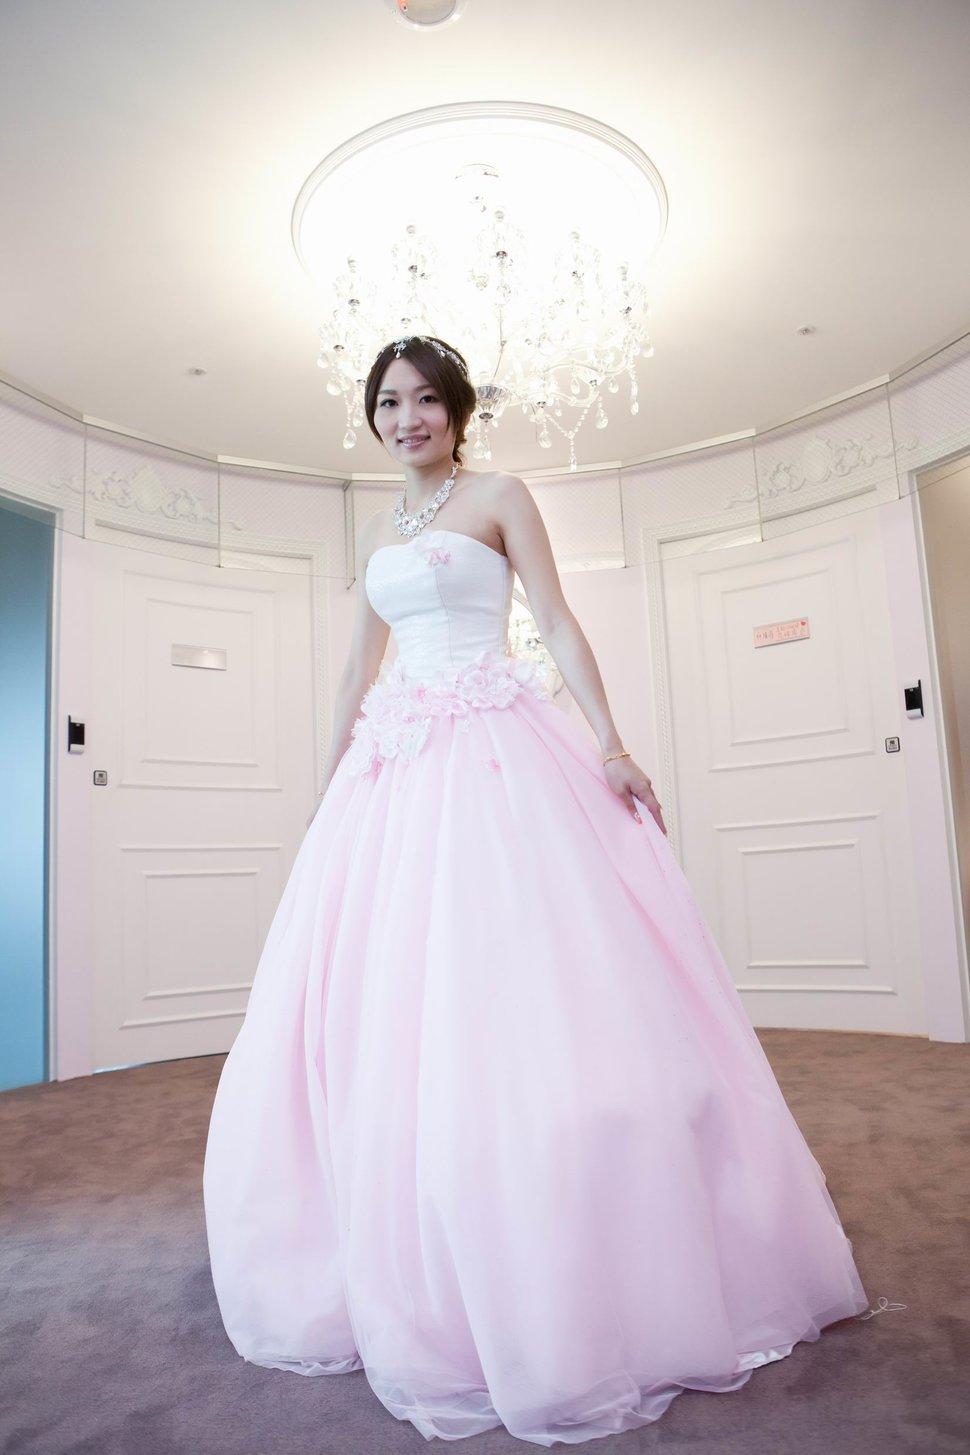 長榮桂冠酒店彭園會館婚禮記錄專業錄影平面攝影(編號:195108) - 蜜月拍照10800錄影12800攝影團隊 - 結婚吧